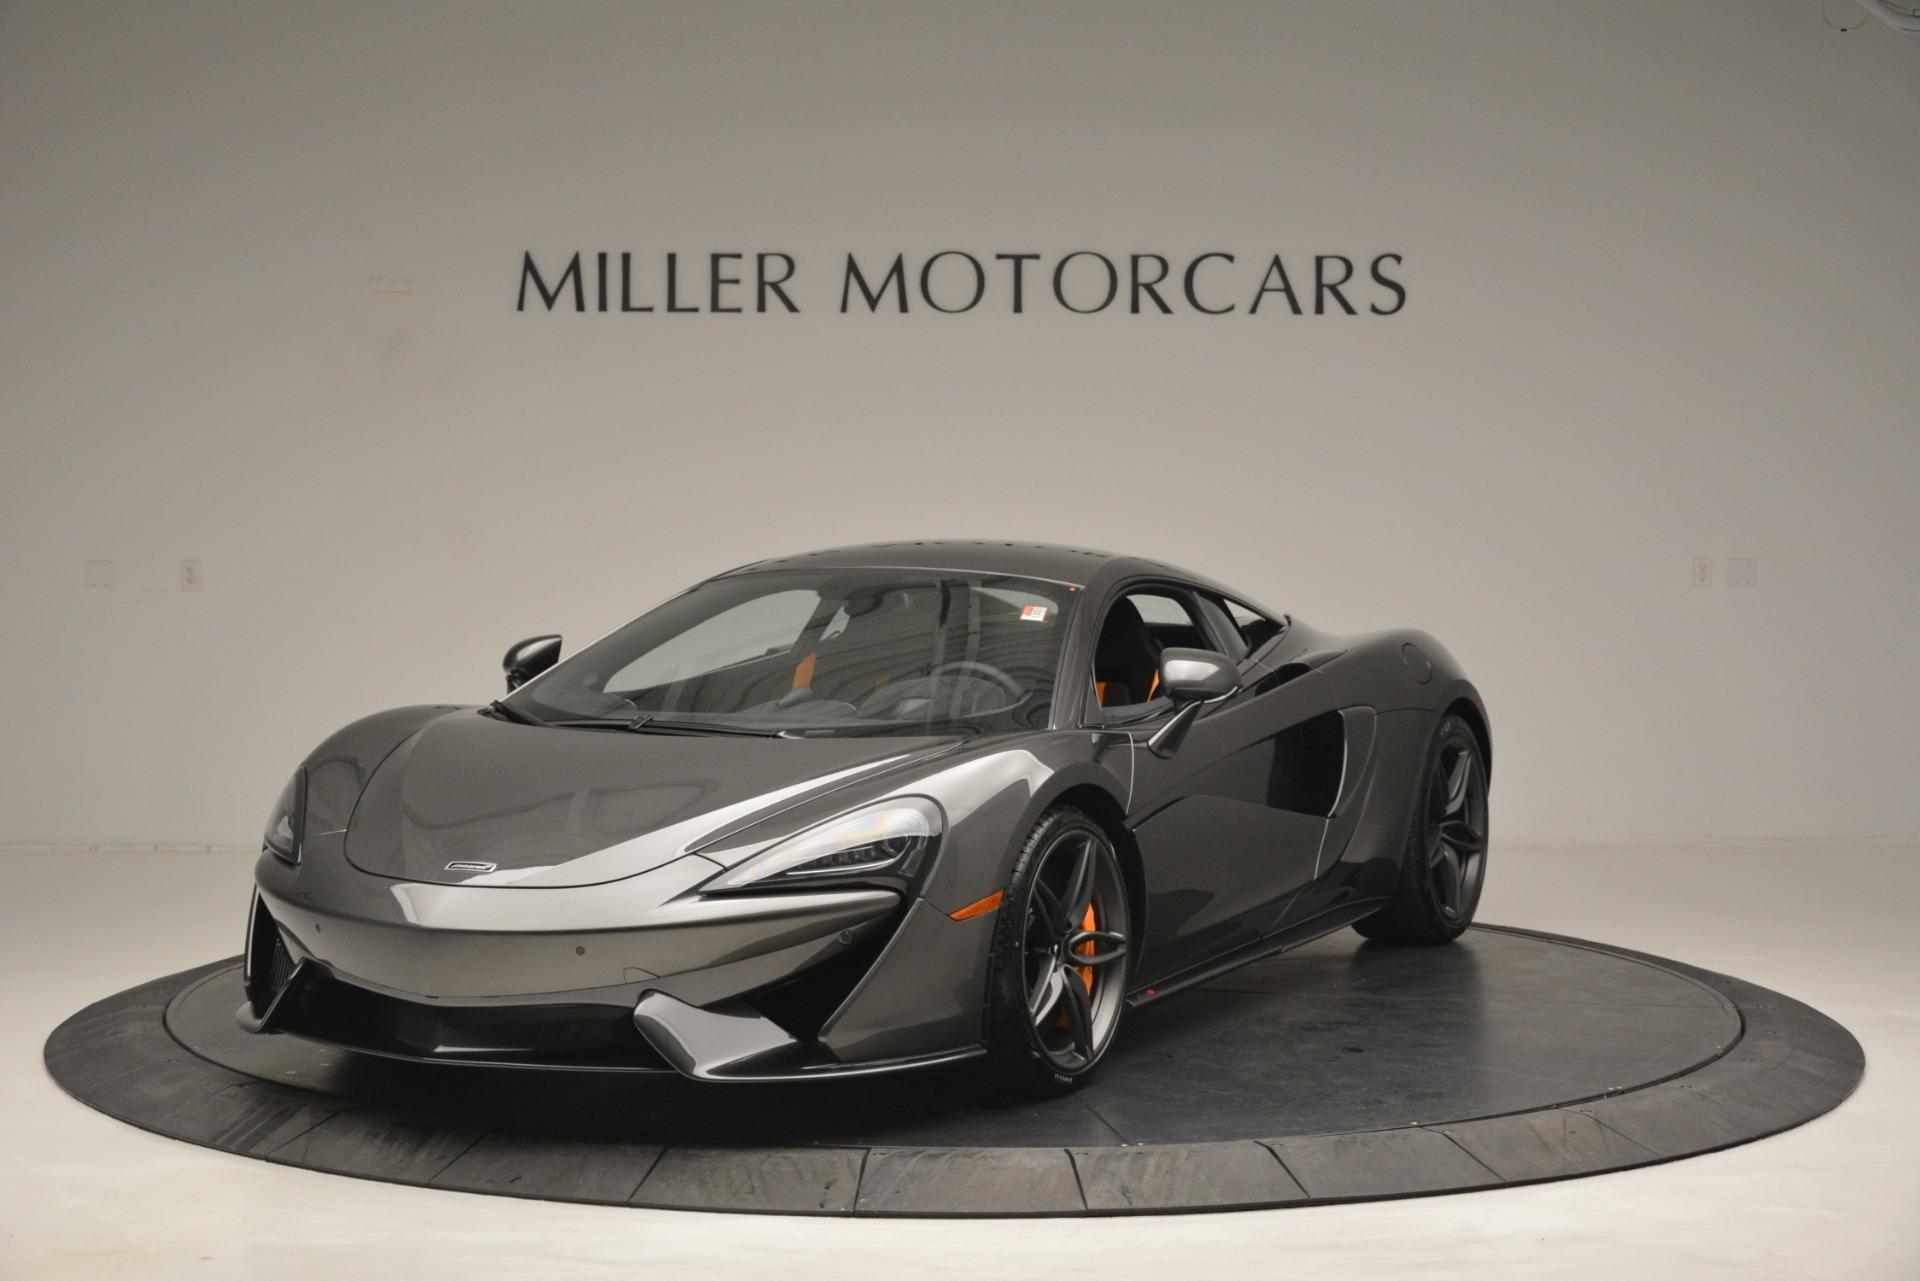 New 2019 McLaren 570S Coupe For Sale In Westport, CT 2968_p2